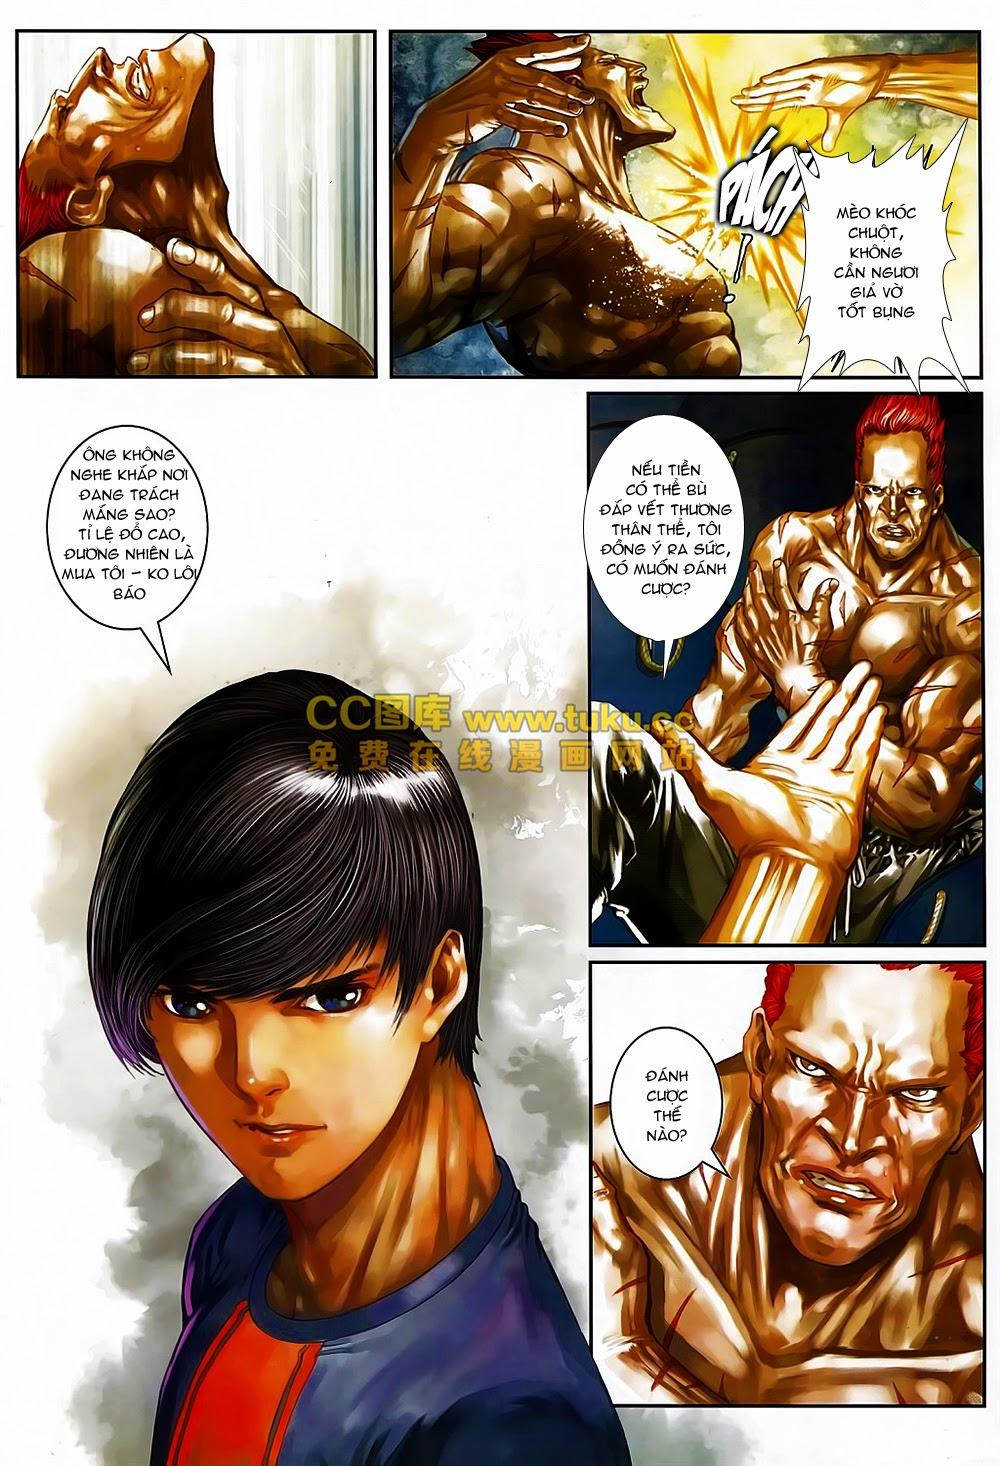 Quyền Đạo chapter 6 trang 16